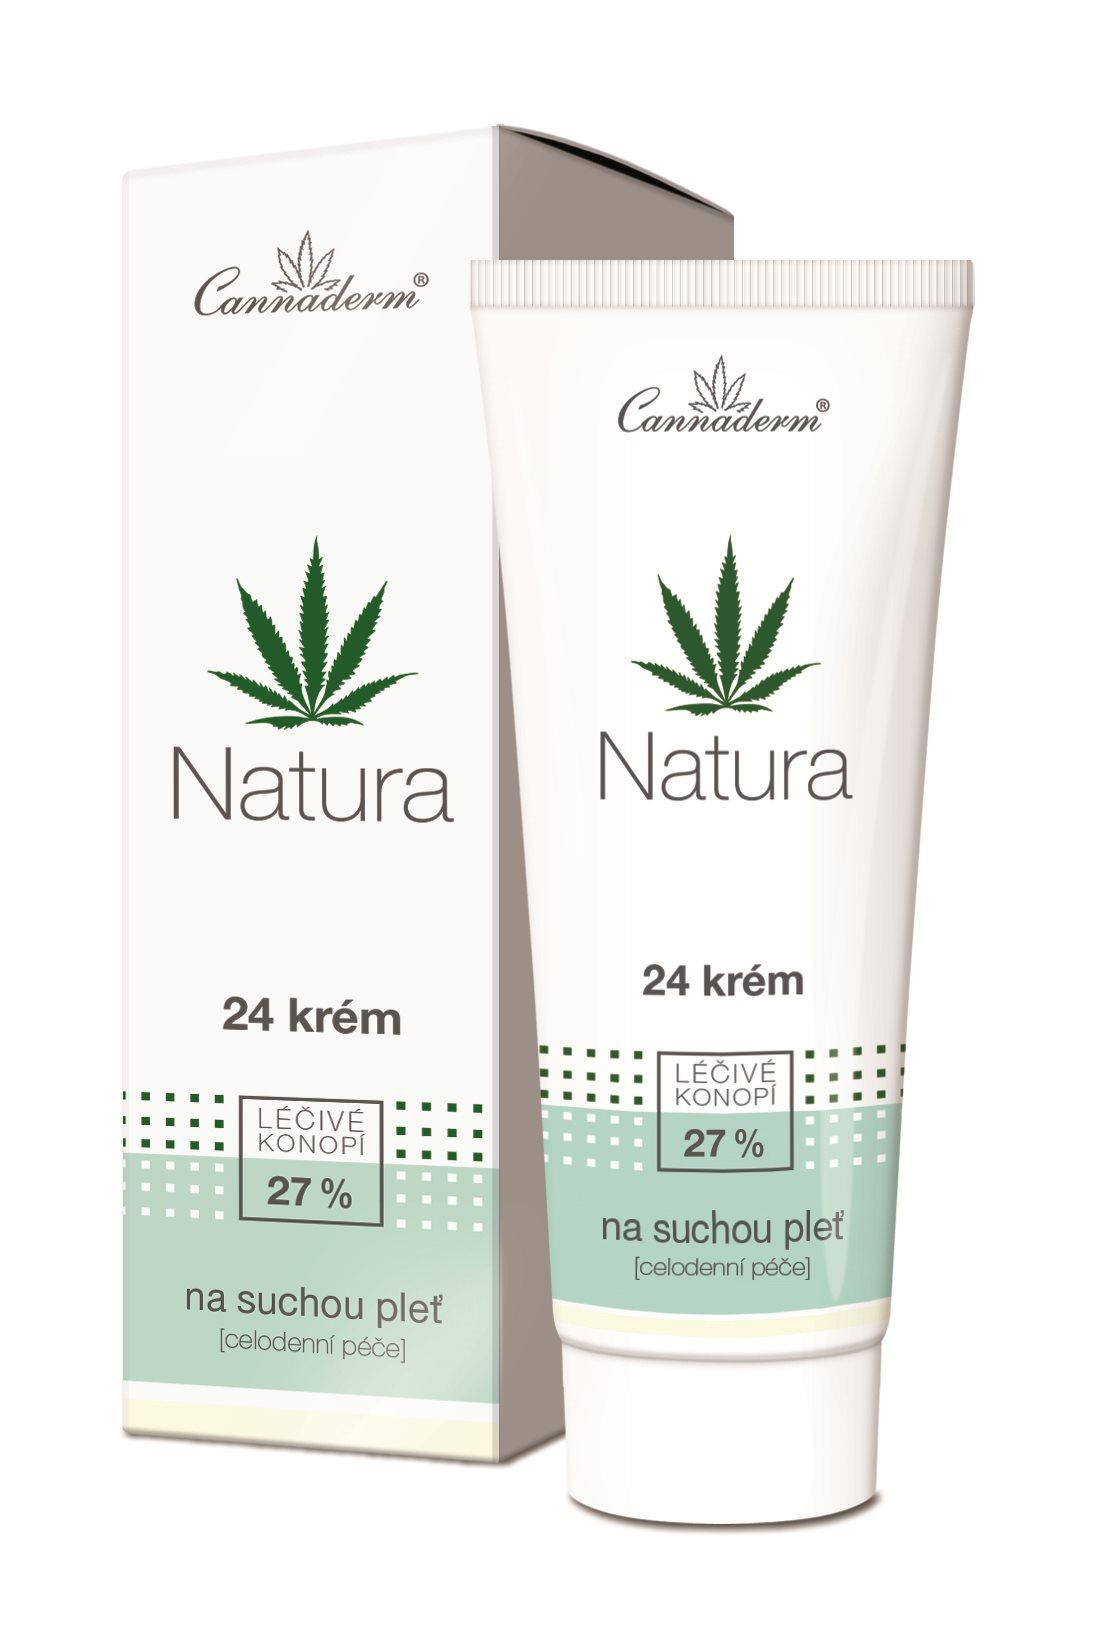 CANNADERM Natura 24 Krém száraz és érzékeny bőrre 75 g